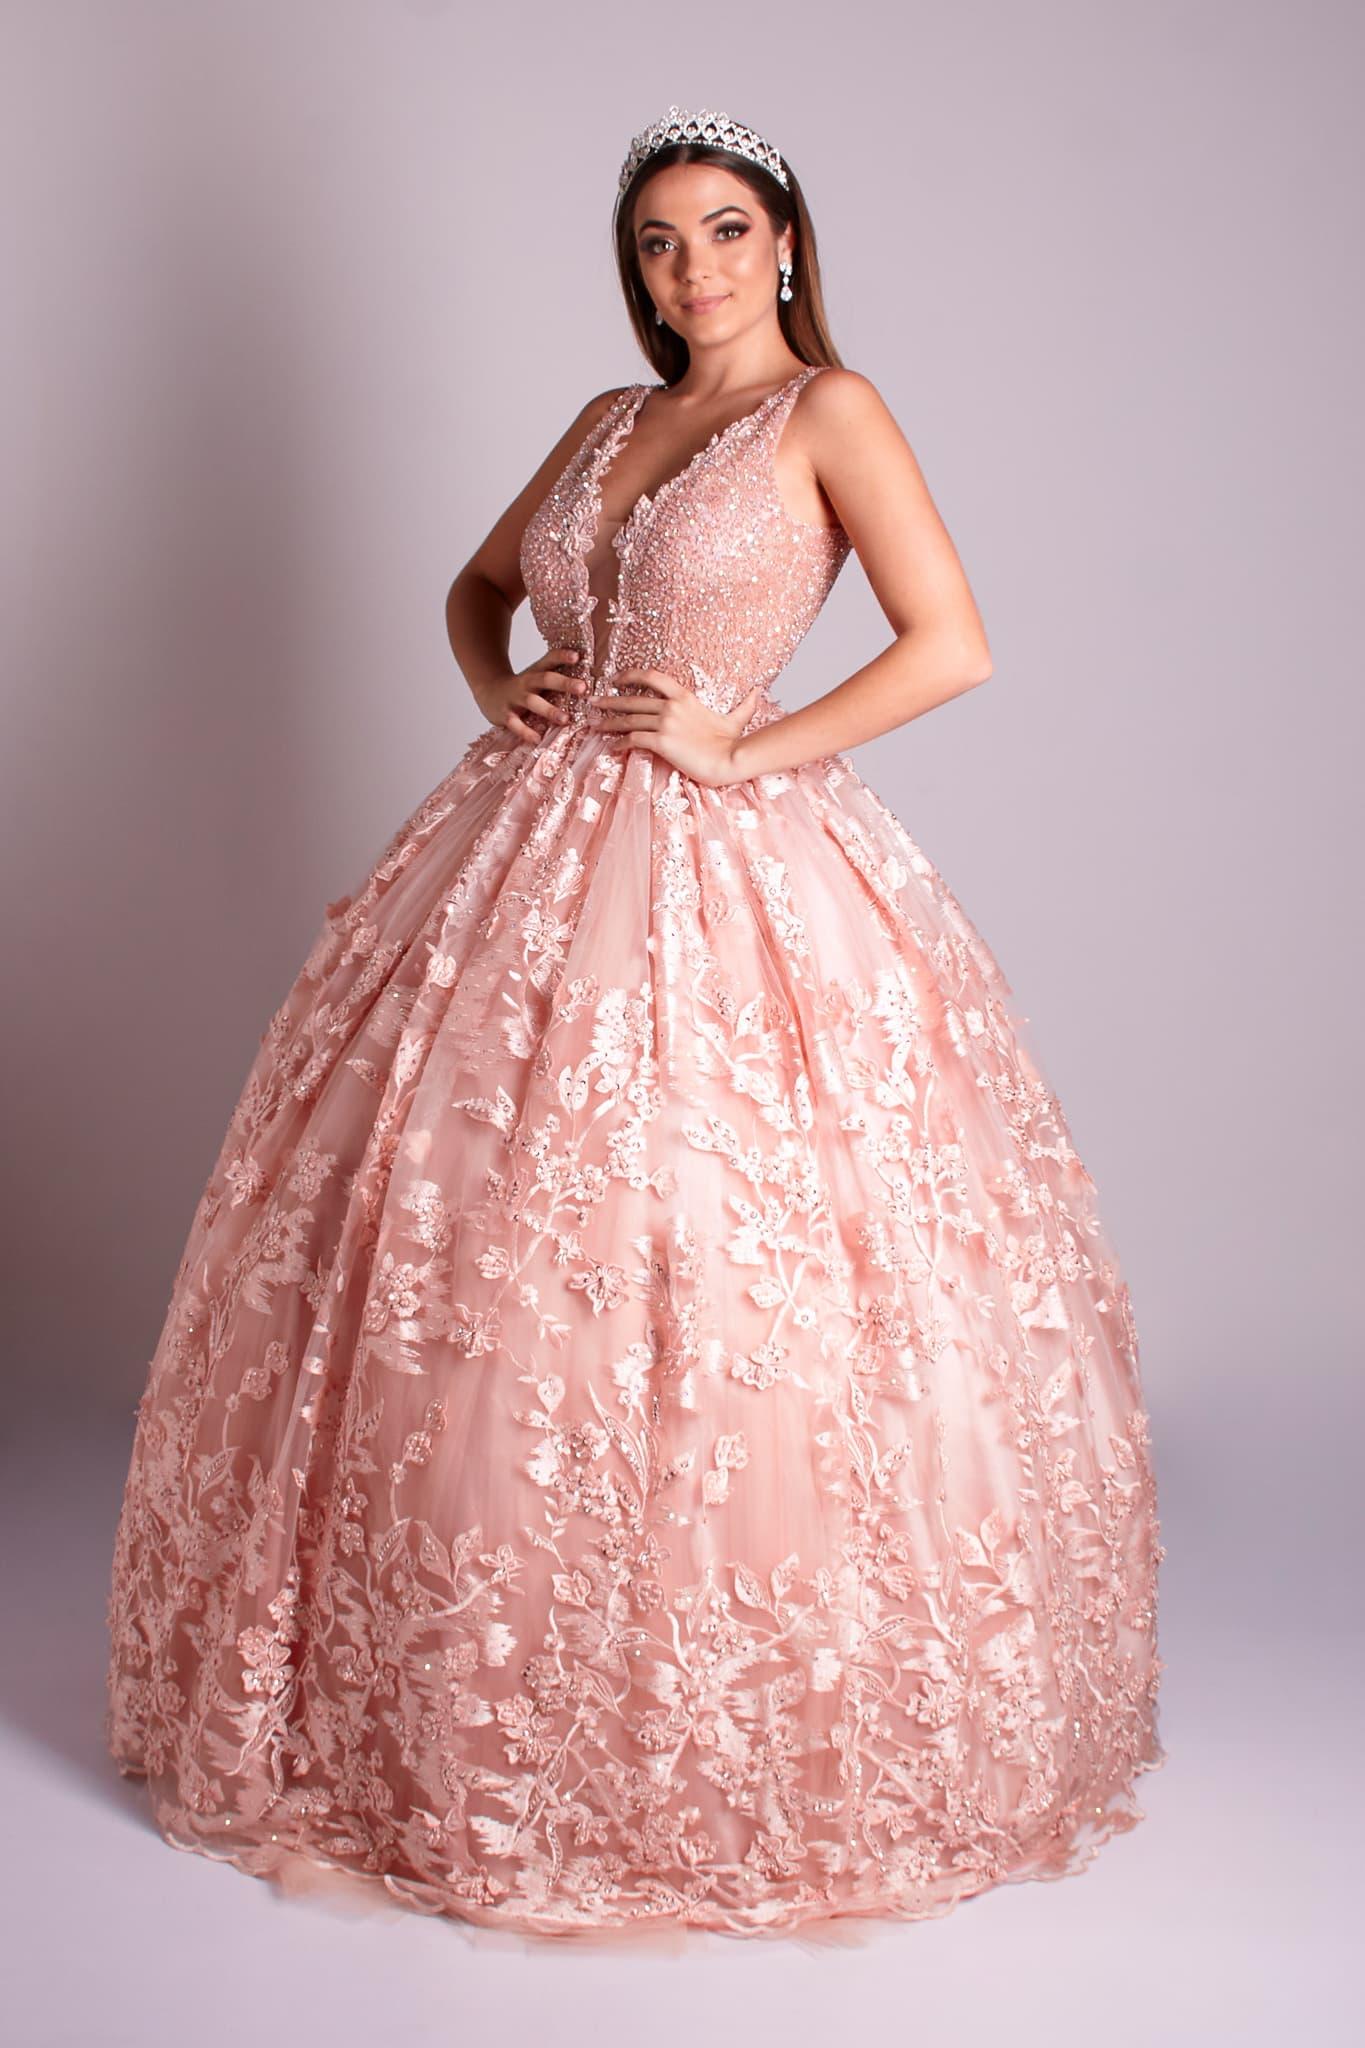 3 - Vestido de valsa rosê feito em renda floral com cristais